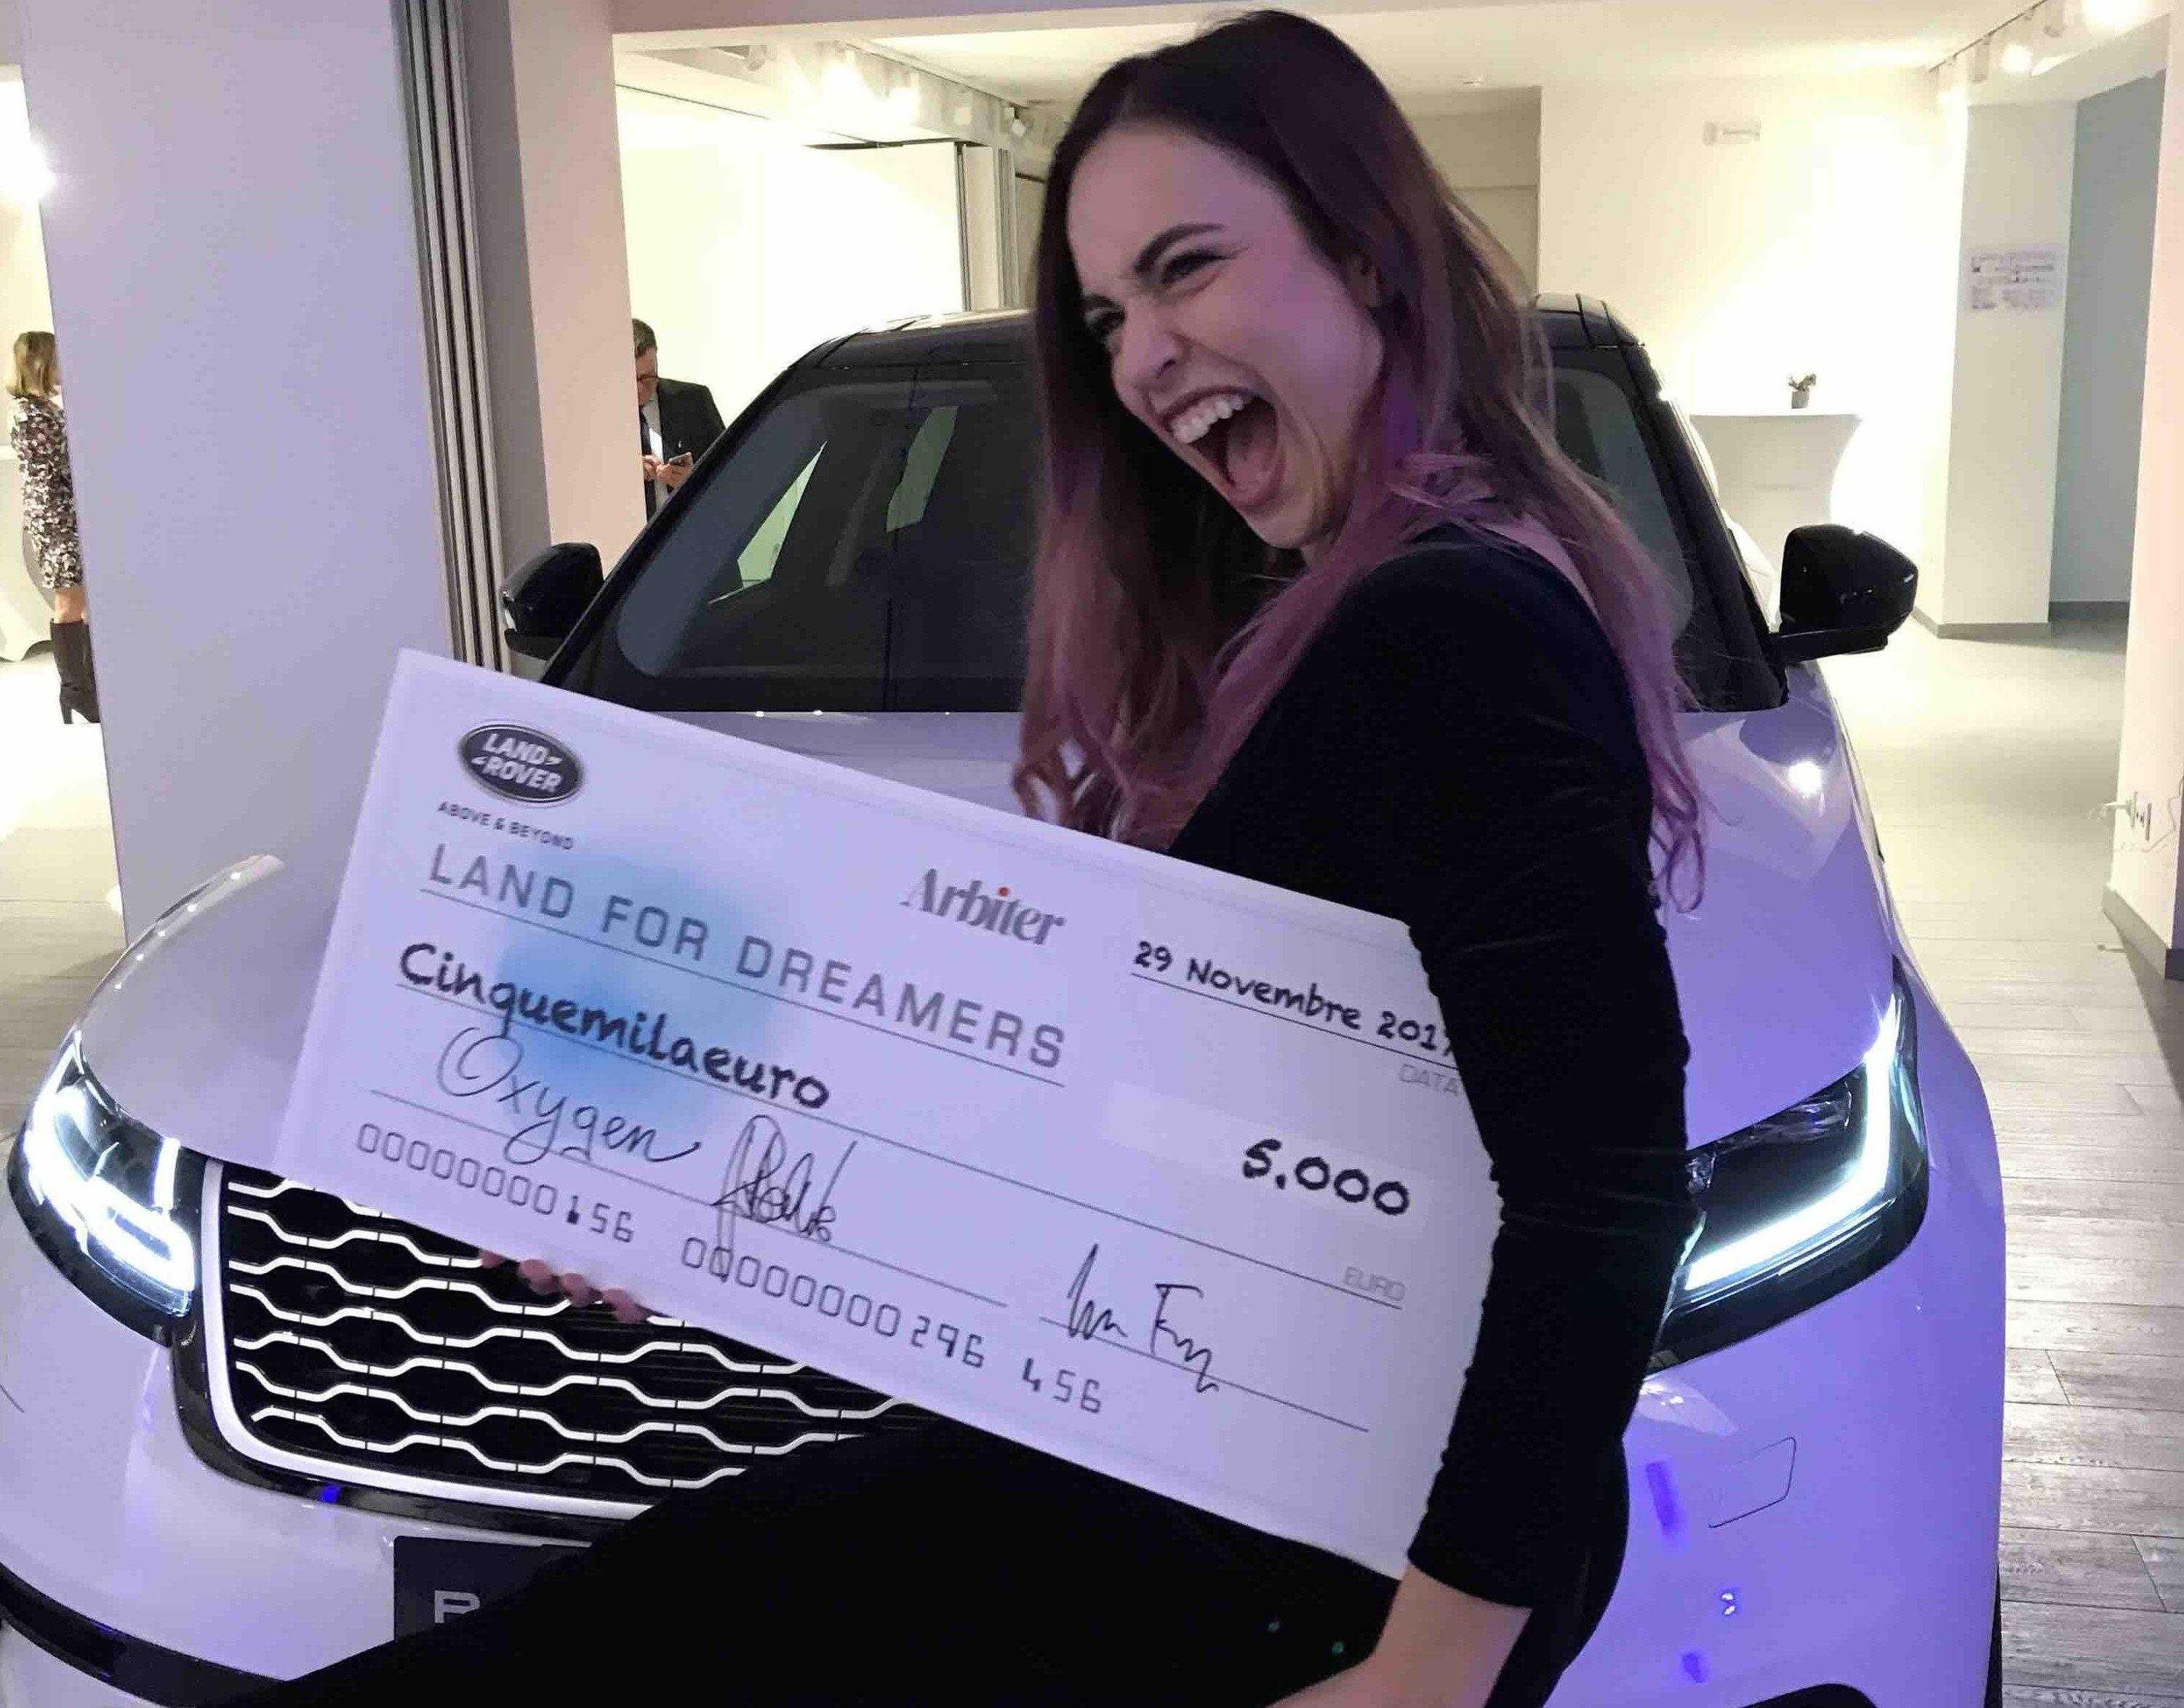 I 3 migliori progetti di imprenditori under 30, secondo Land Rover